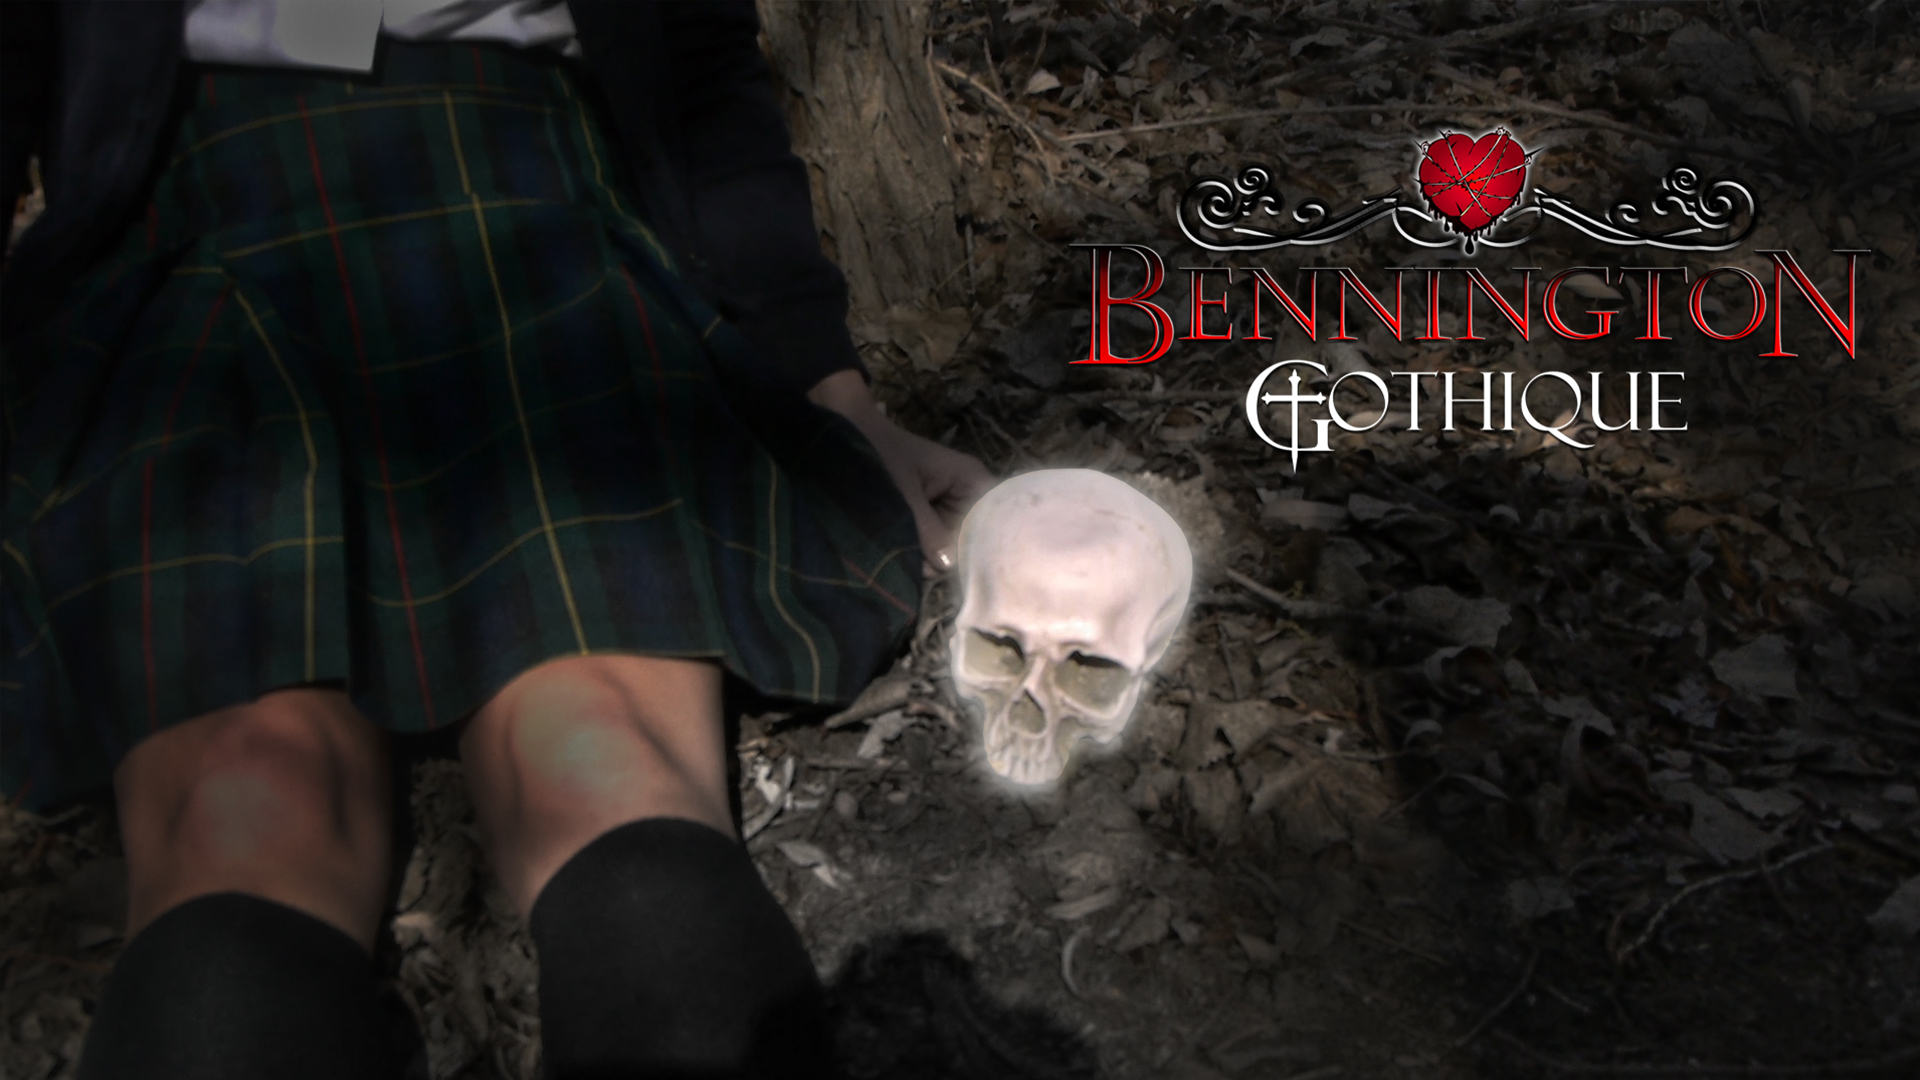 Bennington Gothique